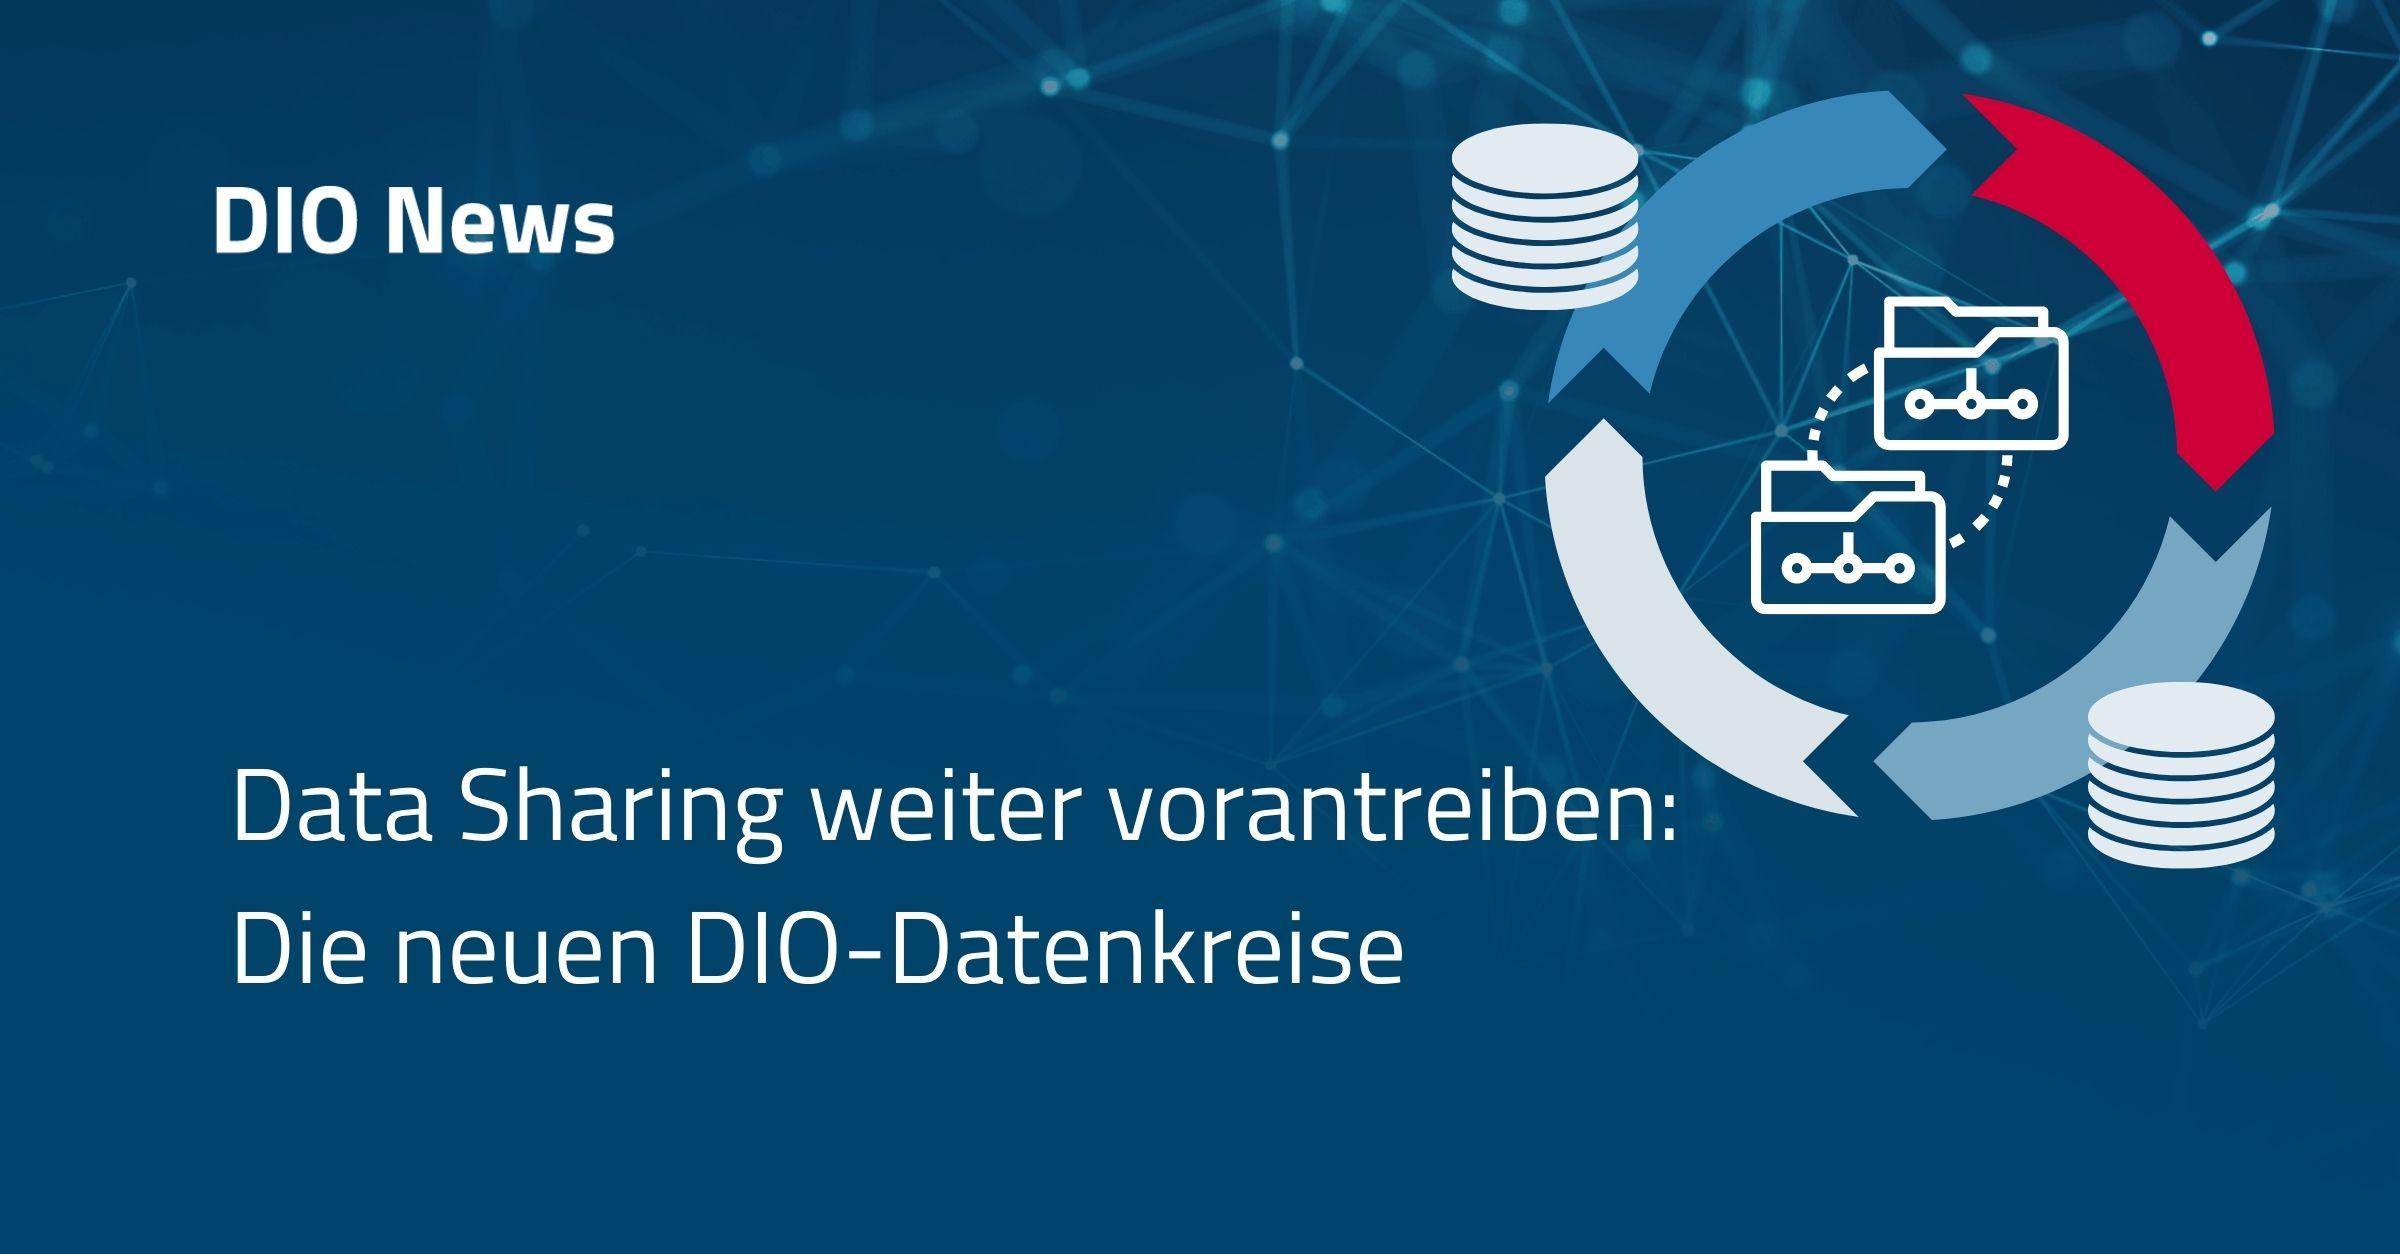 Data Sharing weiter vorantreiben: Die neuen DIO-Datenkreise